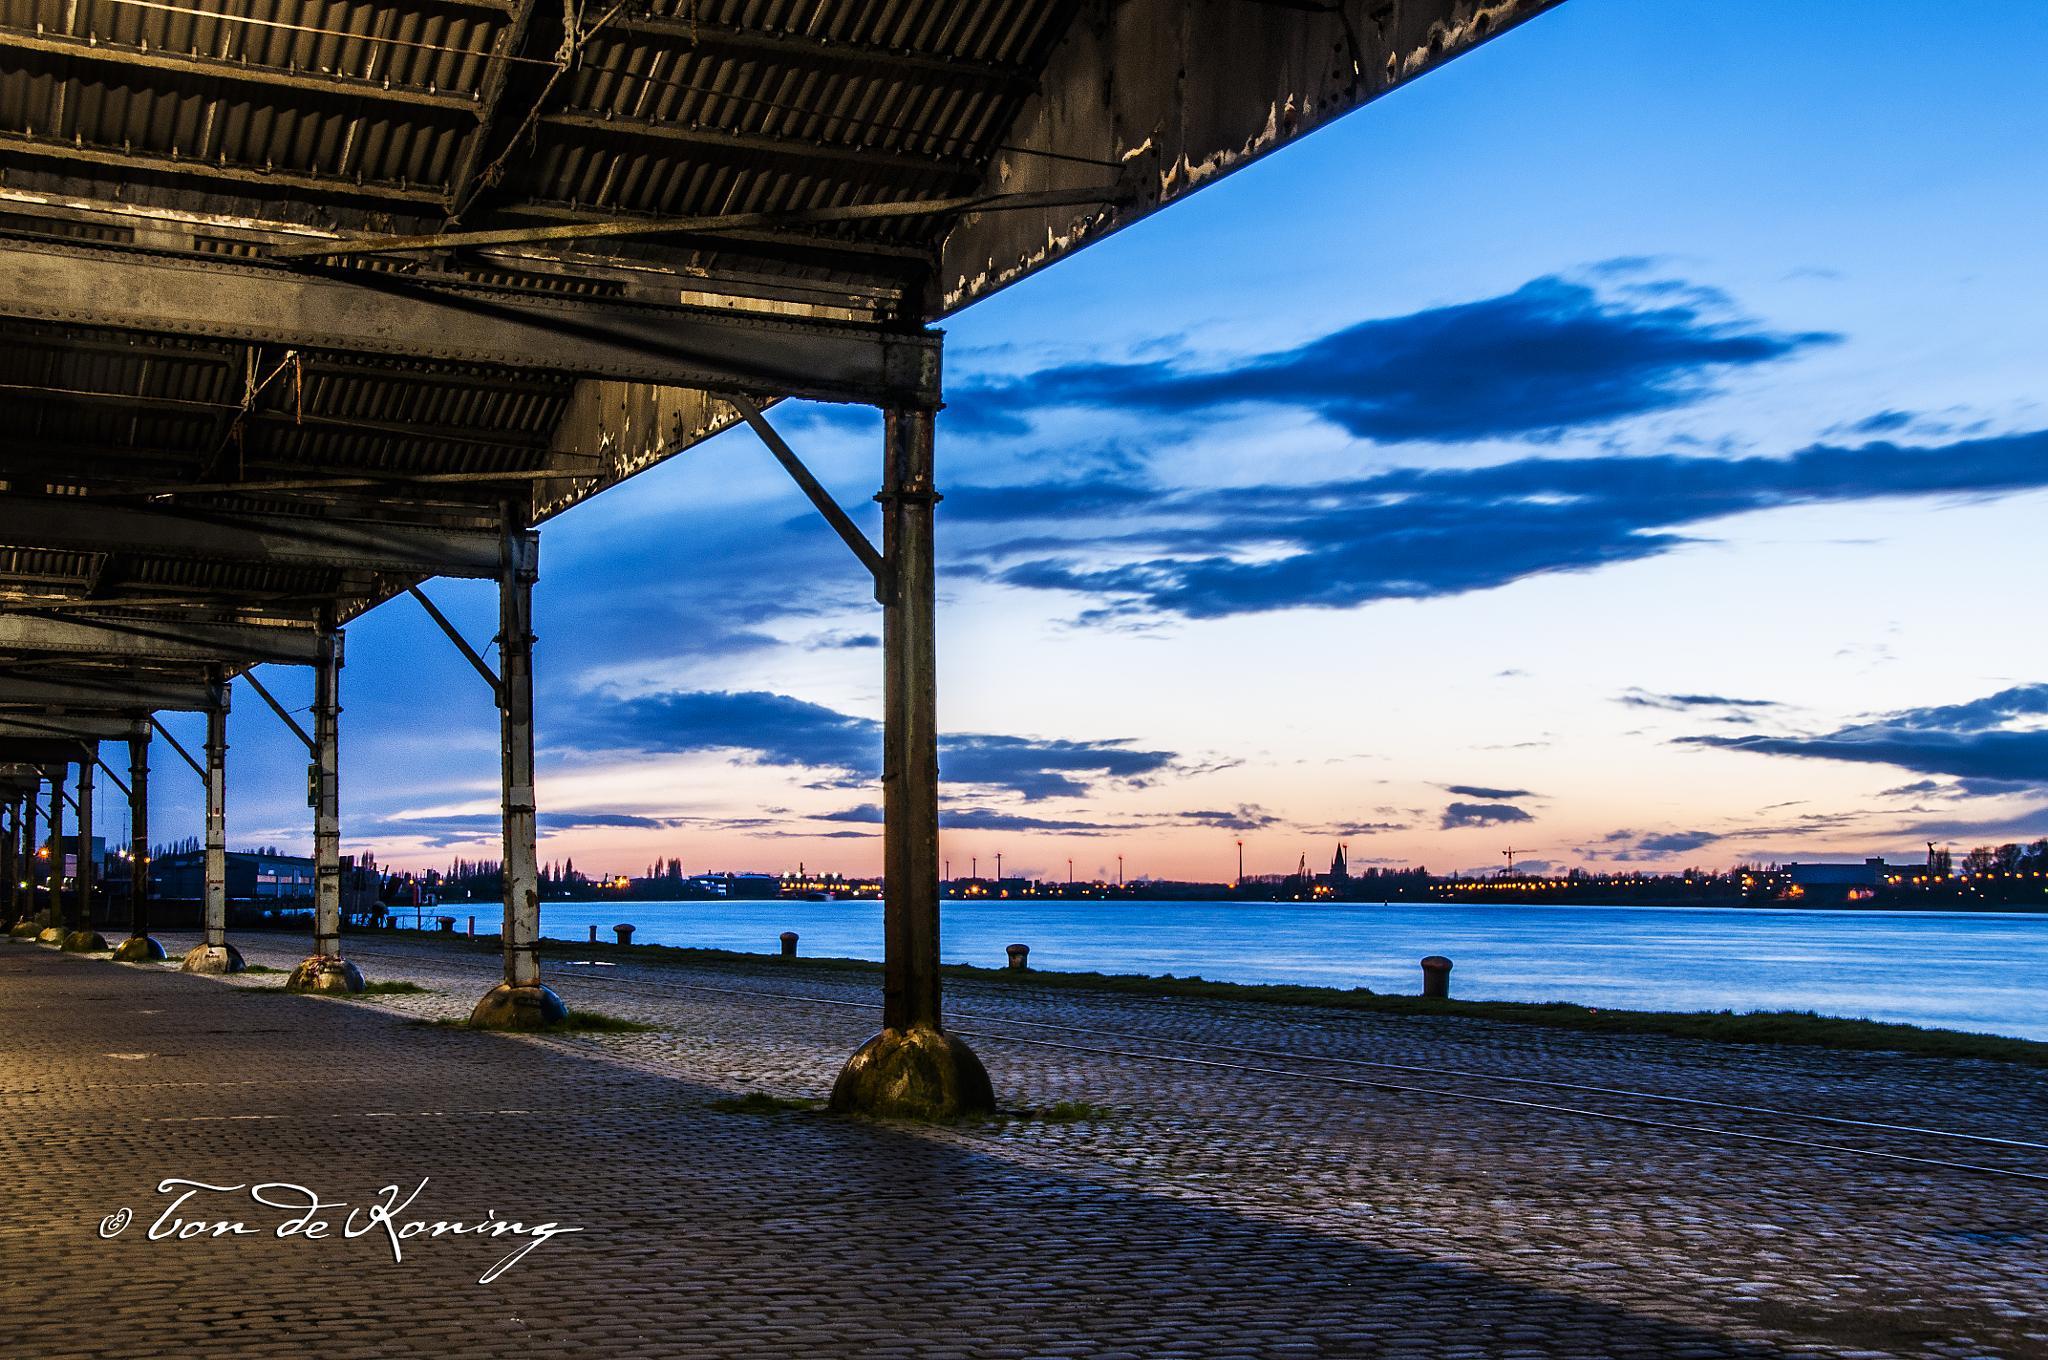 De Kaai in Antwerpen by Ton de Koning